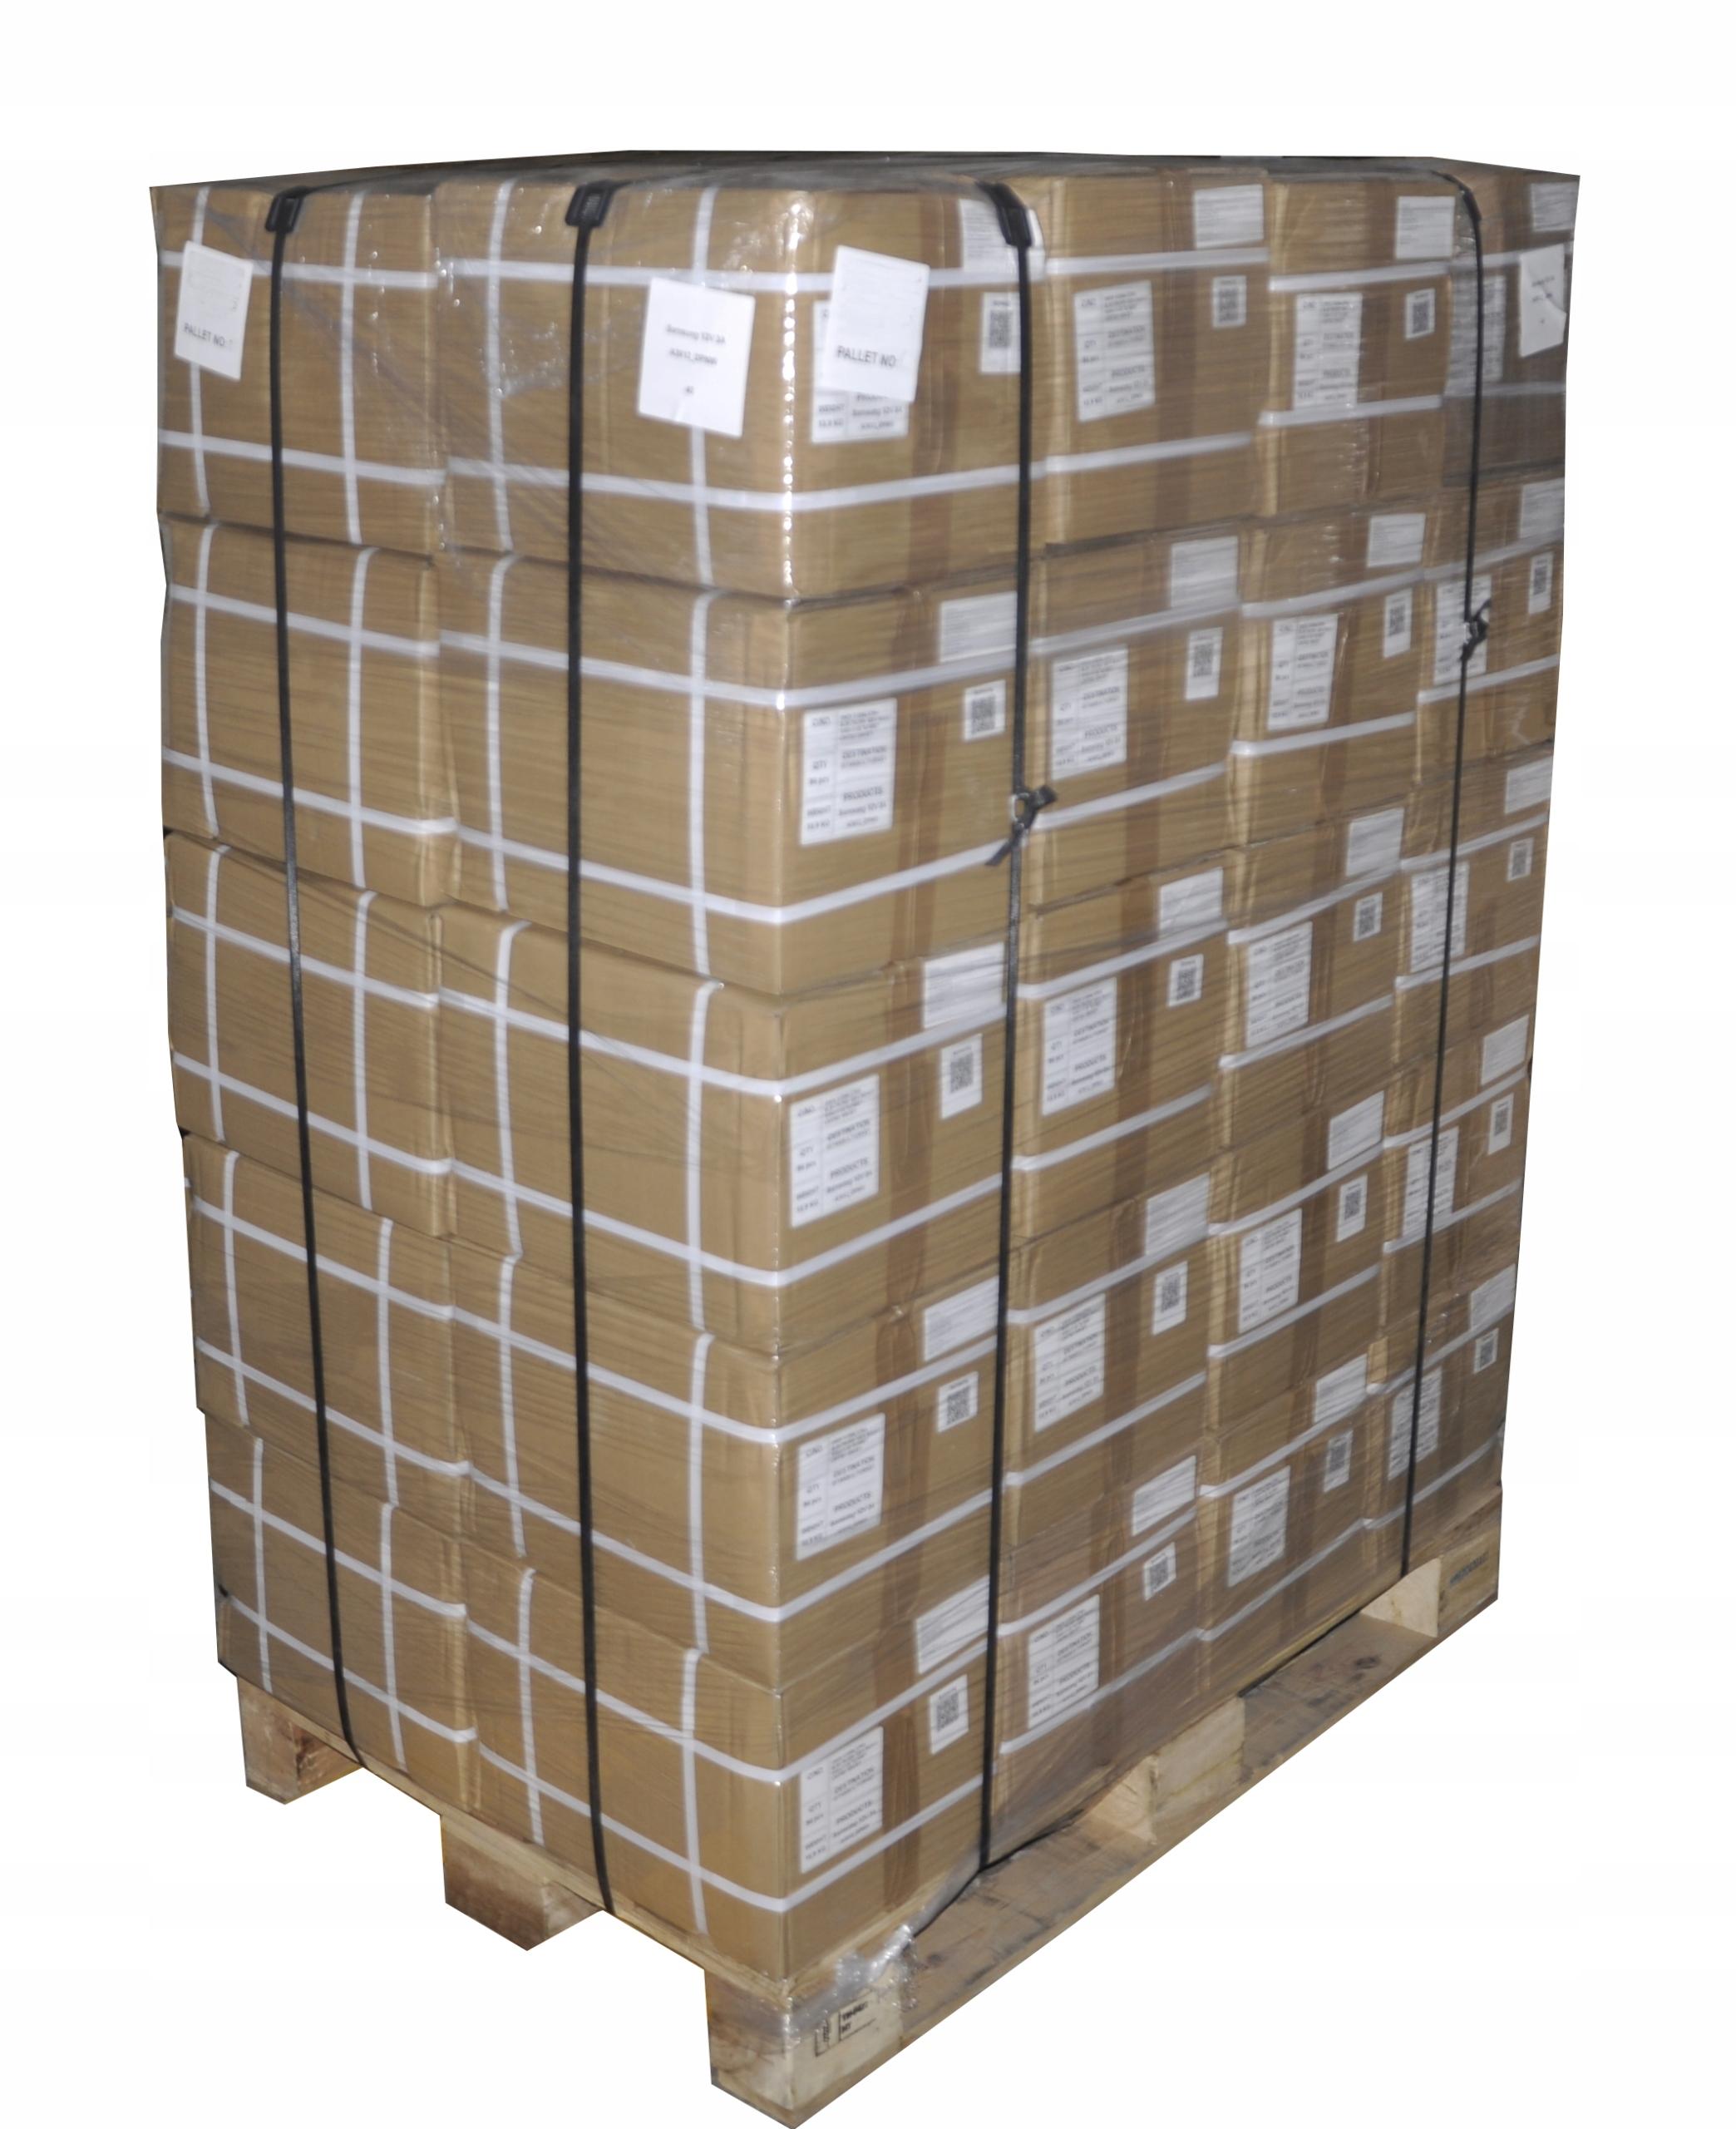 Линейка блоков питания Samsung 12V 3A (3840 шт.)